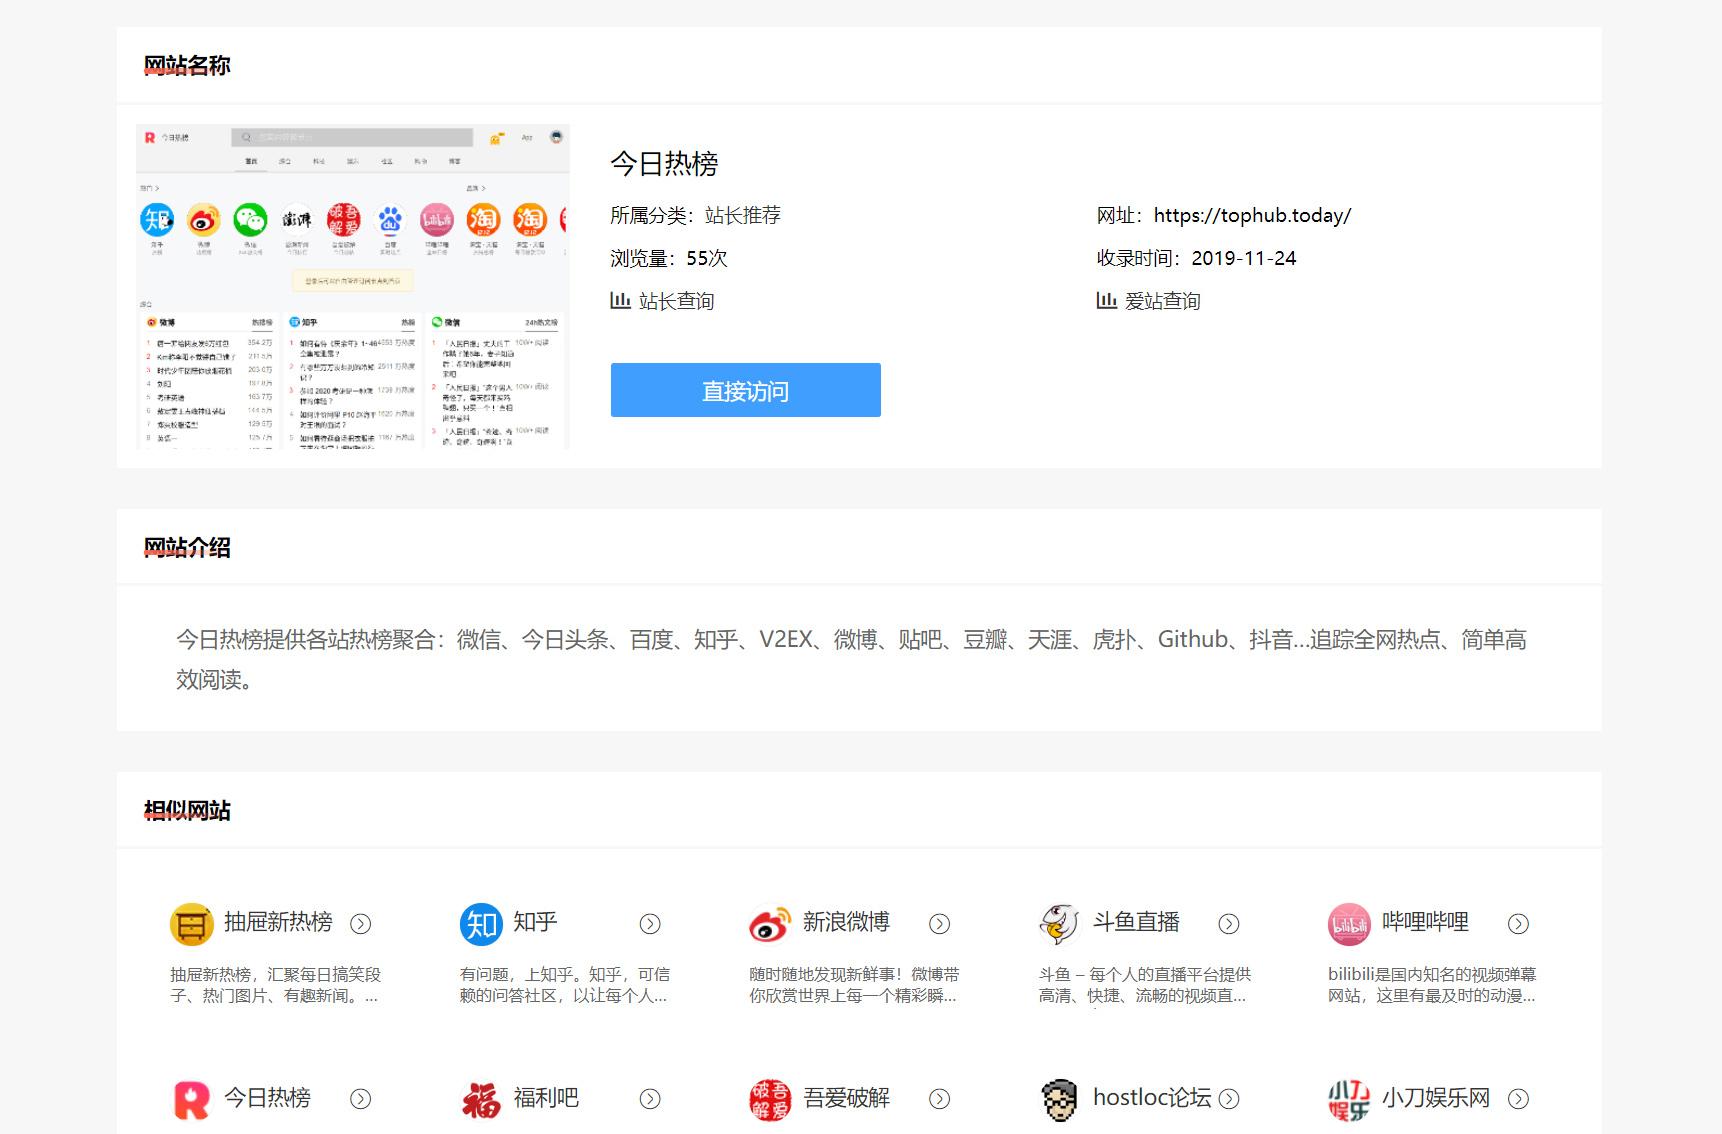 【蘑菇导航V1.2版】非常不错的网址导航系统源码[WordPress主题]-蓝汇源码